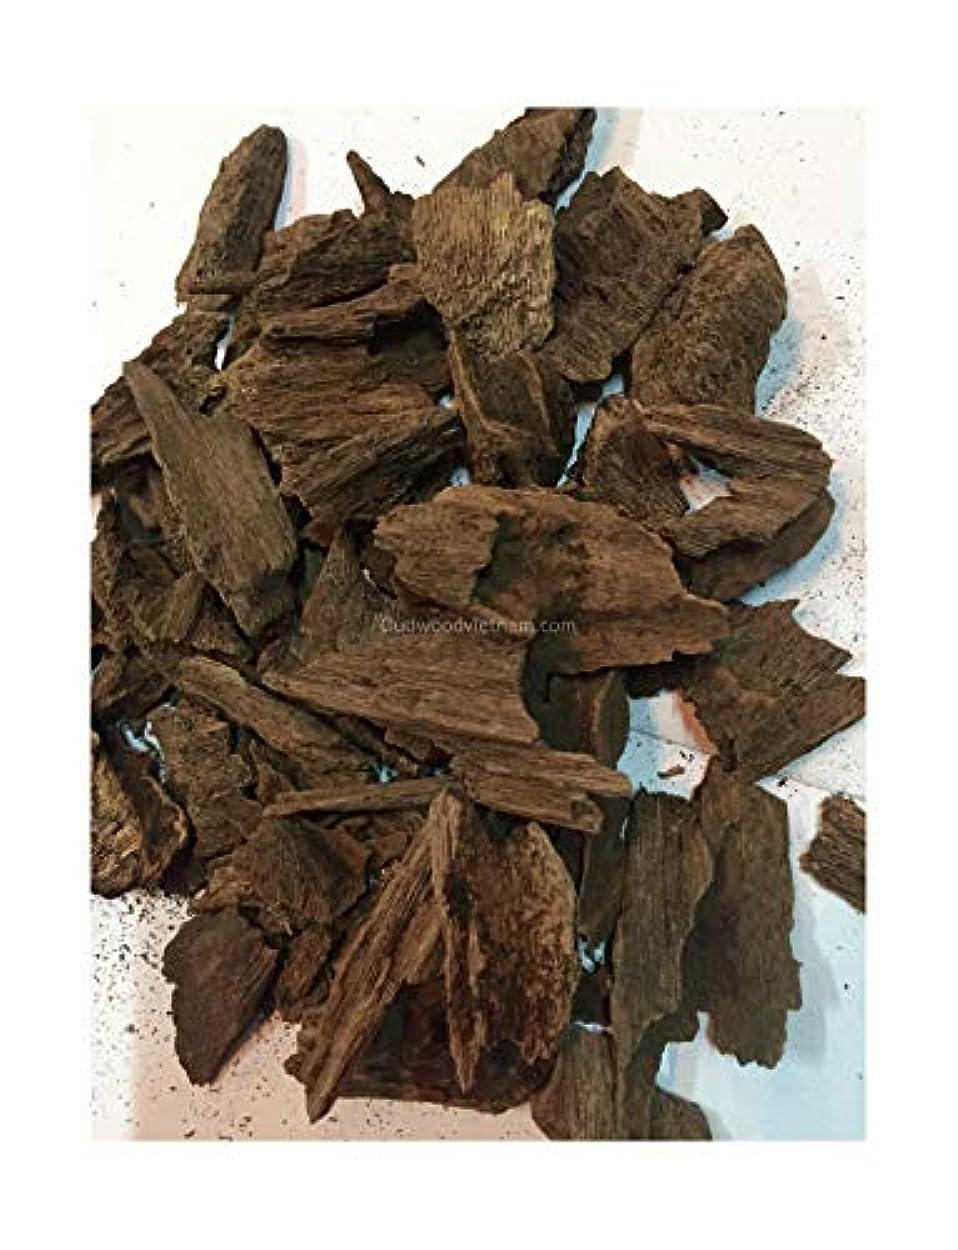 出血上失うオウドチップス オードチップ インセンス アロマ ナチュラル ワイルド レア アガーウッド チップ オードウッド ベトナム 純素材 グレードA++ 10 Grams ブラック